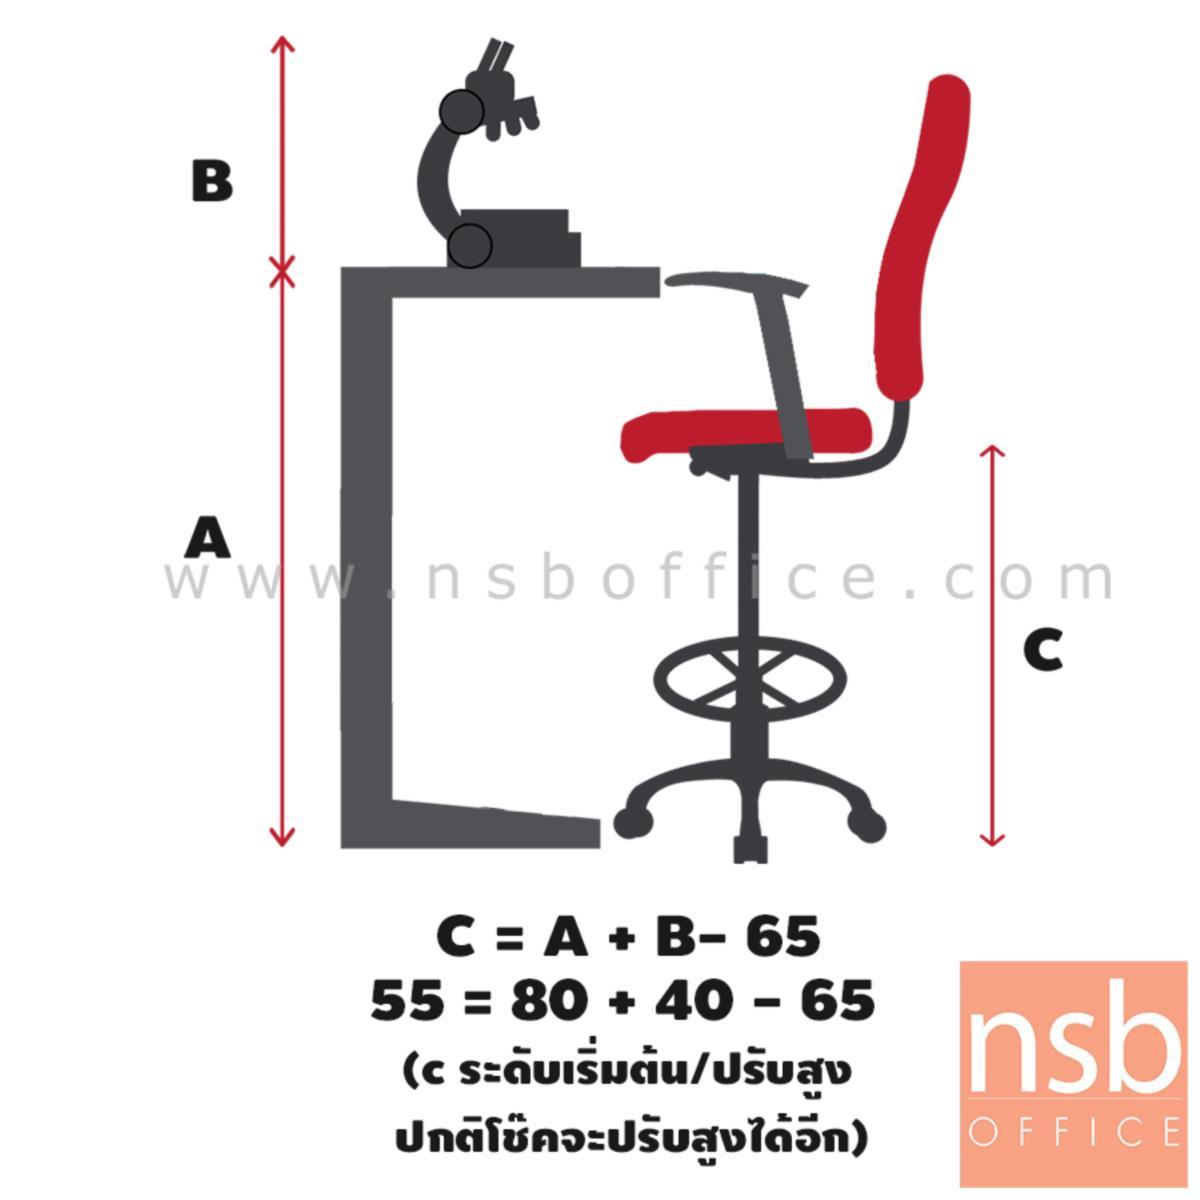 เก้าอี้บาร์สตูลที่นั่งเหลี่ยม รุ่น Gyllenhaall (จิลเลนฮอล)  โช๊คแก๊ส ขาพลาสติก